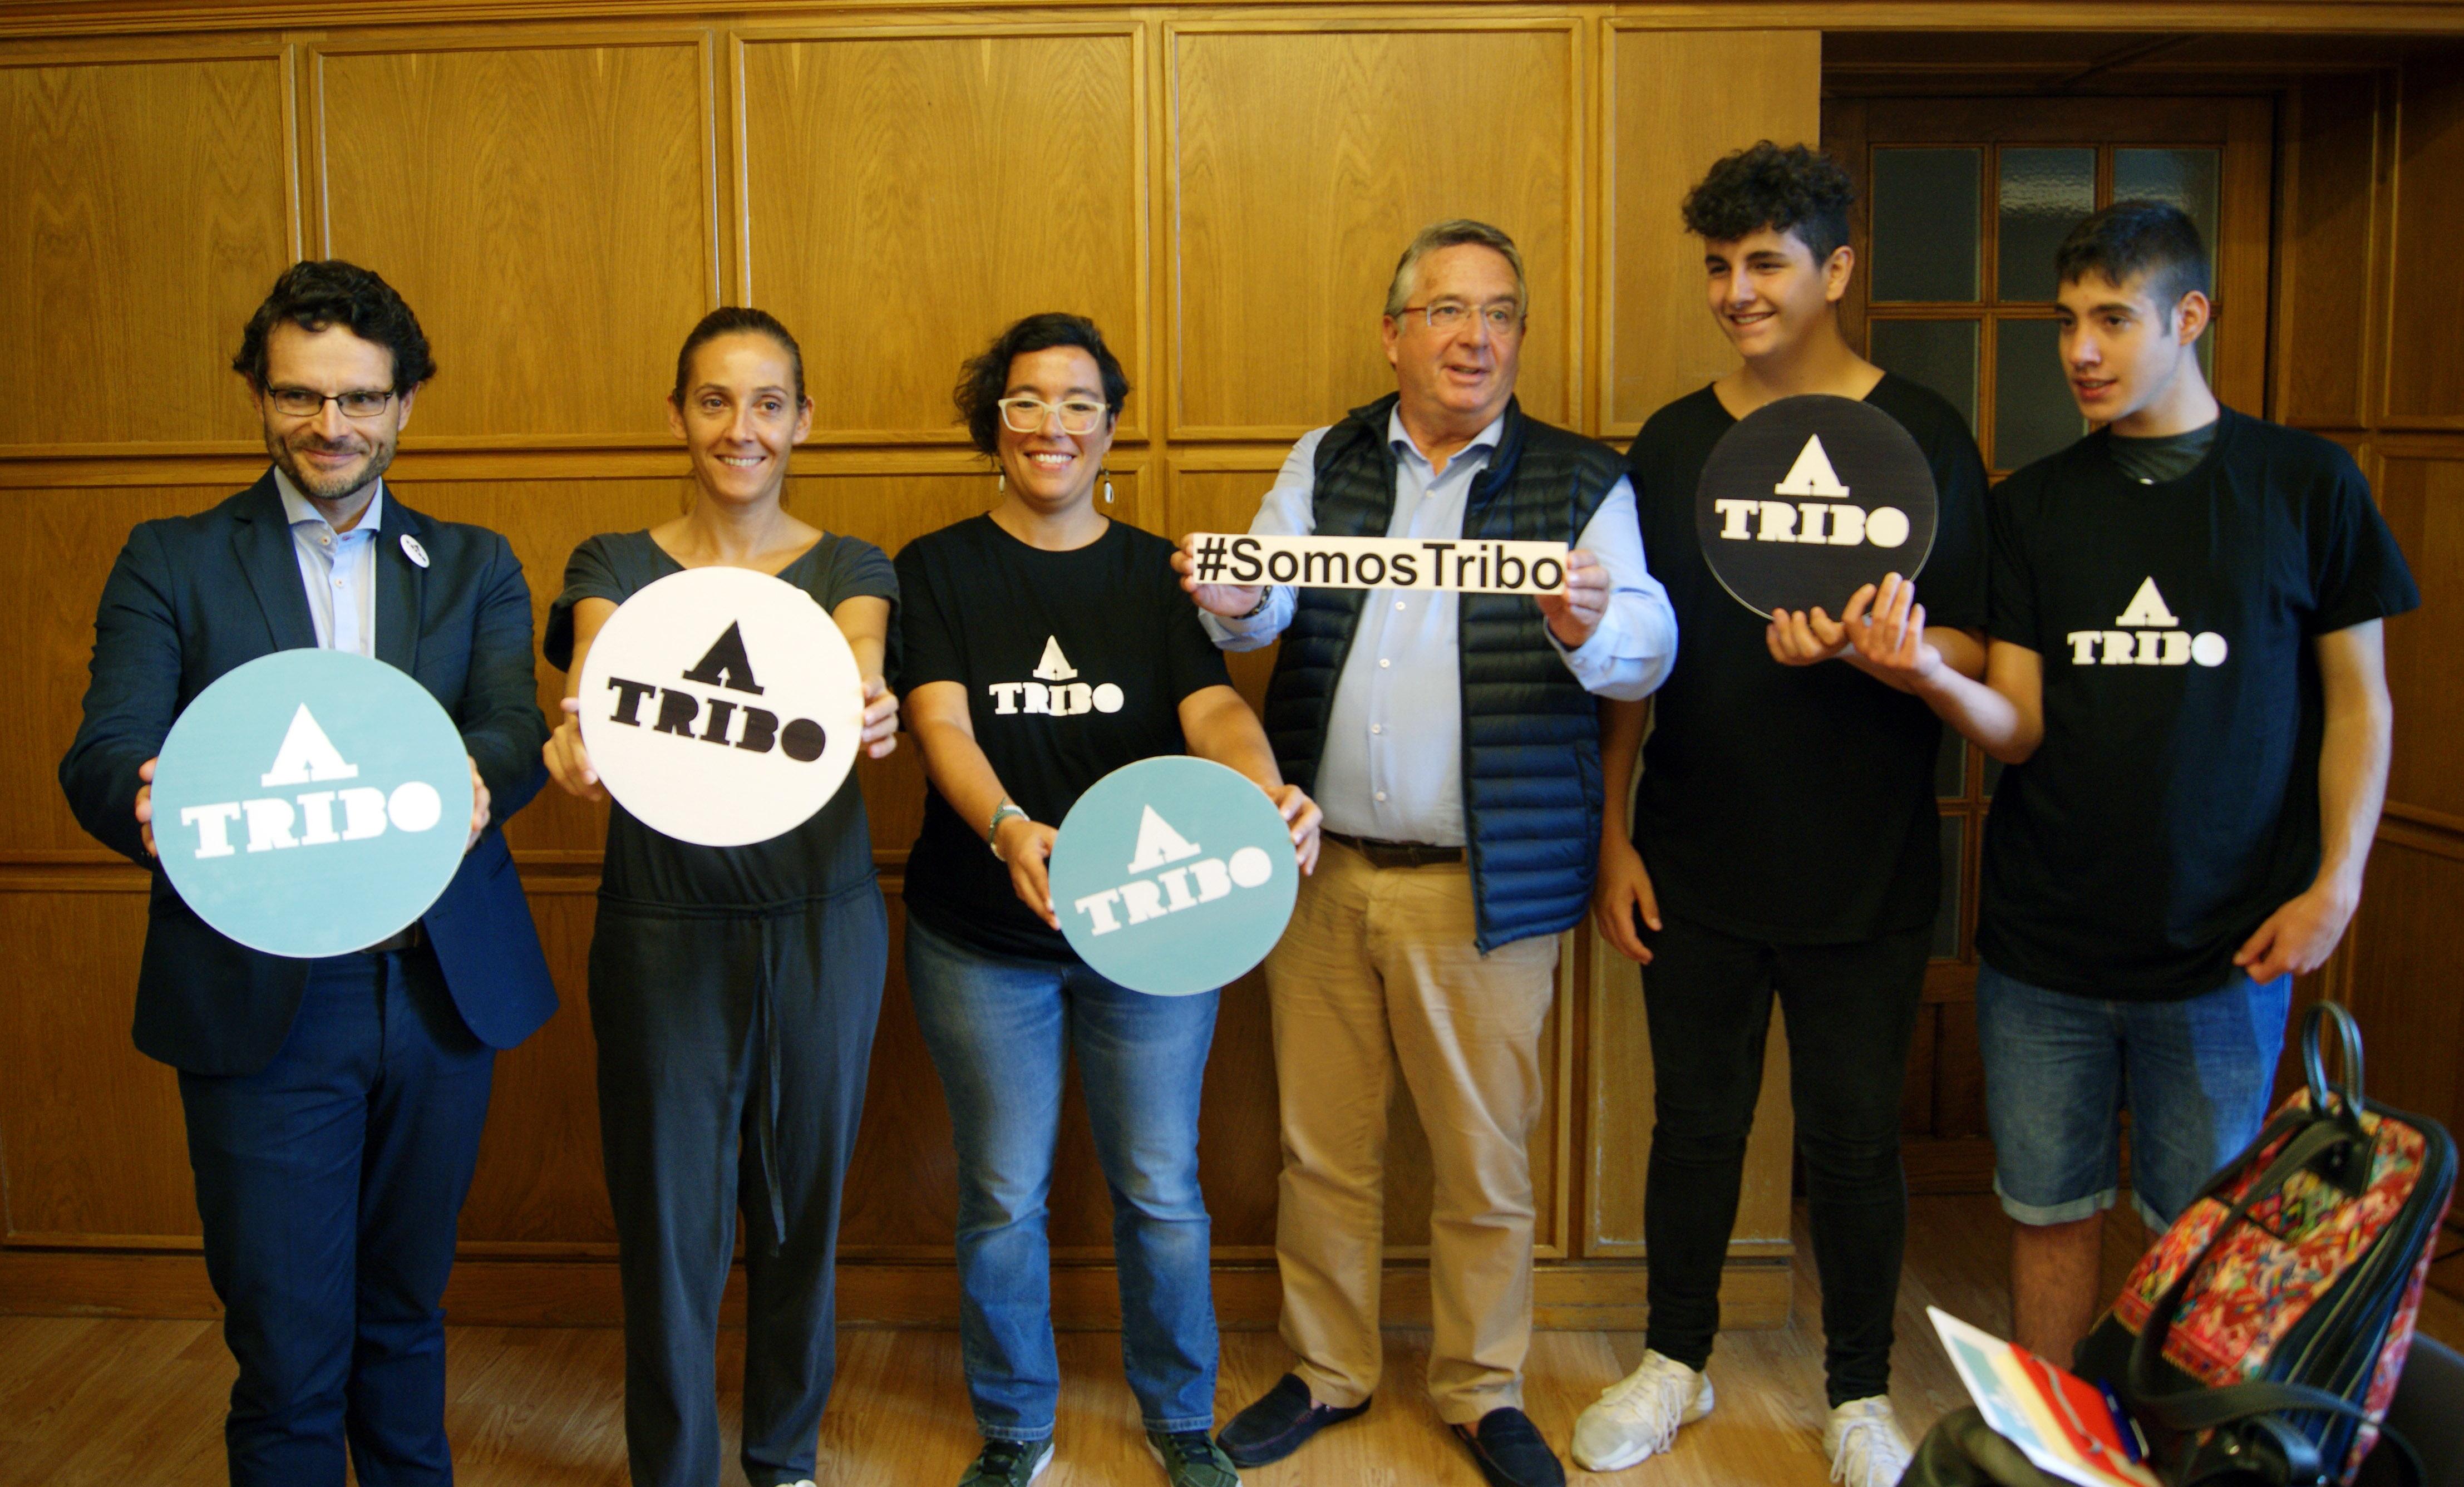 Anxo Pérez, Noa Díaz, Lorena Seijo, Carlos Rosón, Pablo Cabarcos e Ismael García con material da campaña.